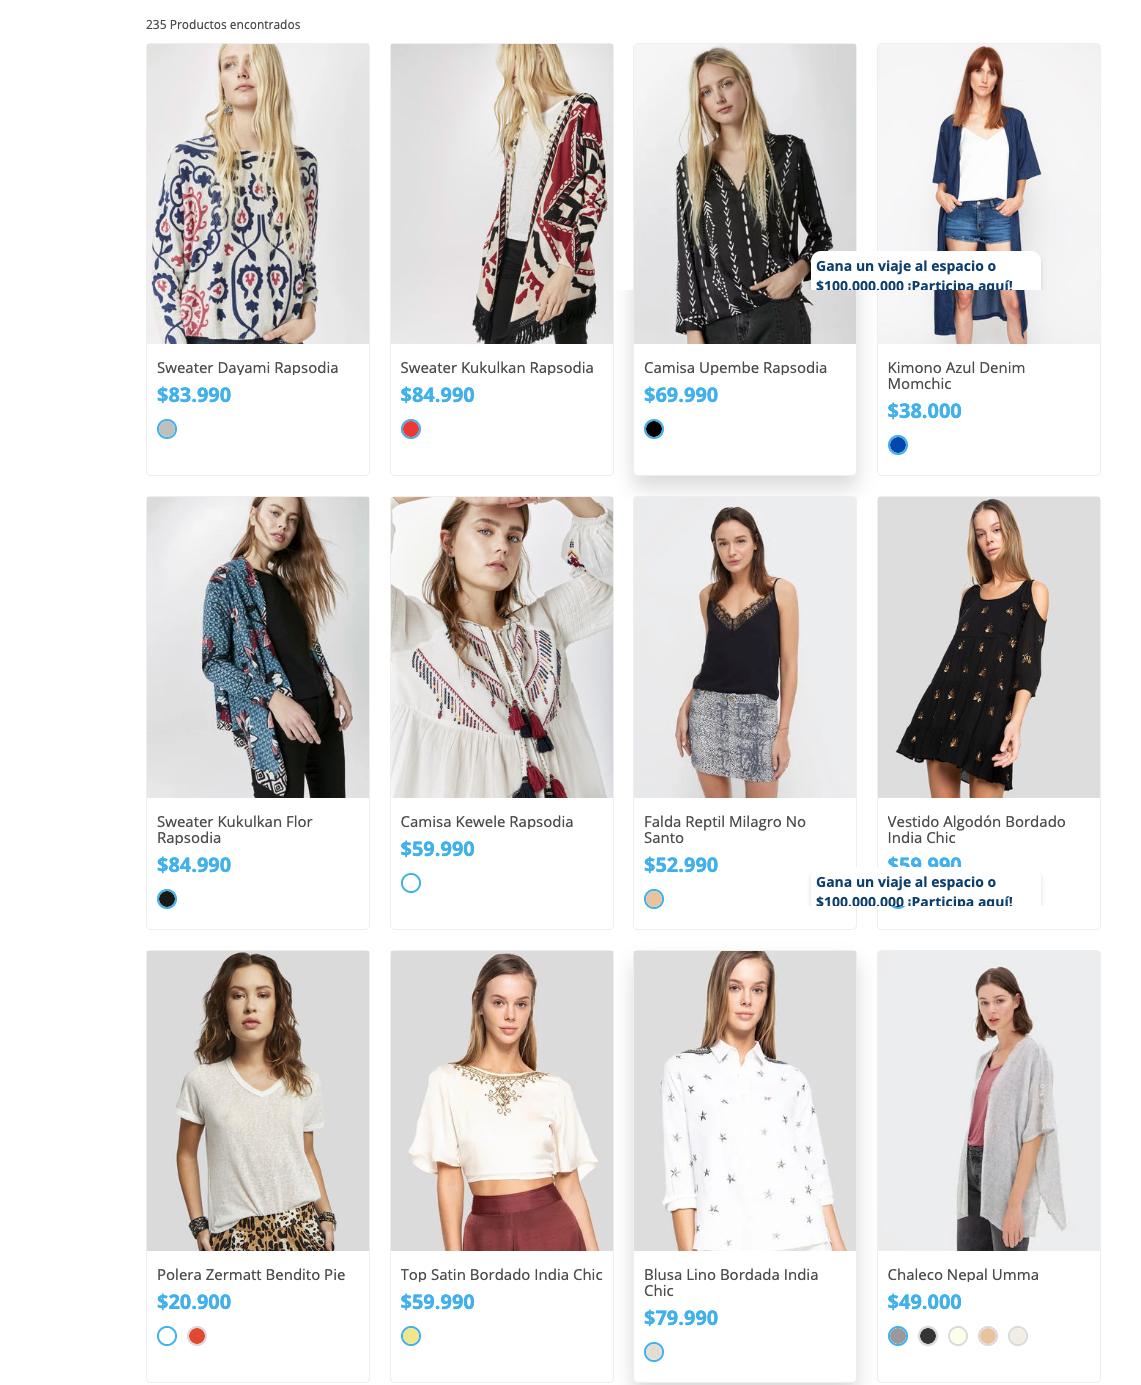 Pantallazo de alternativas de Concept Store moda chilena en sitio web de Tiendas Paris